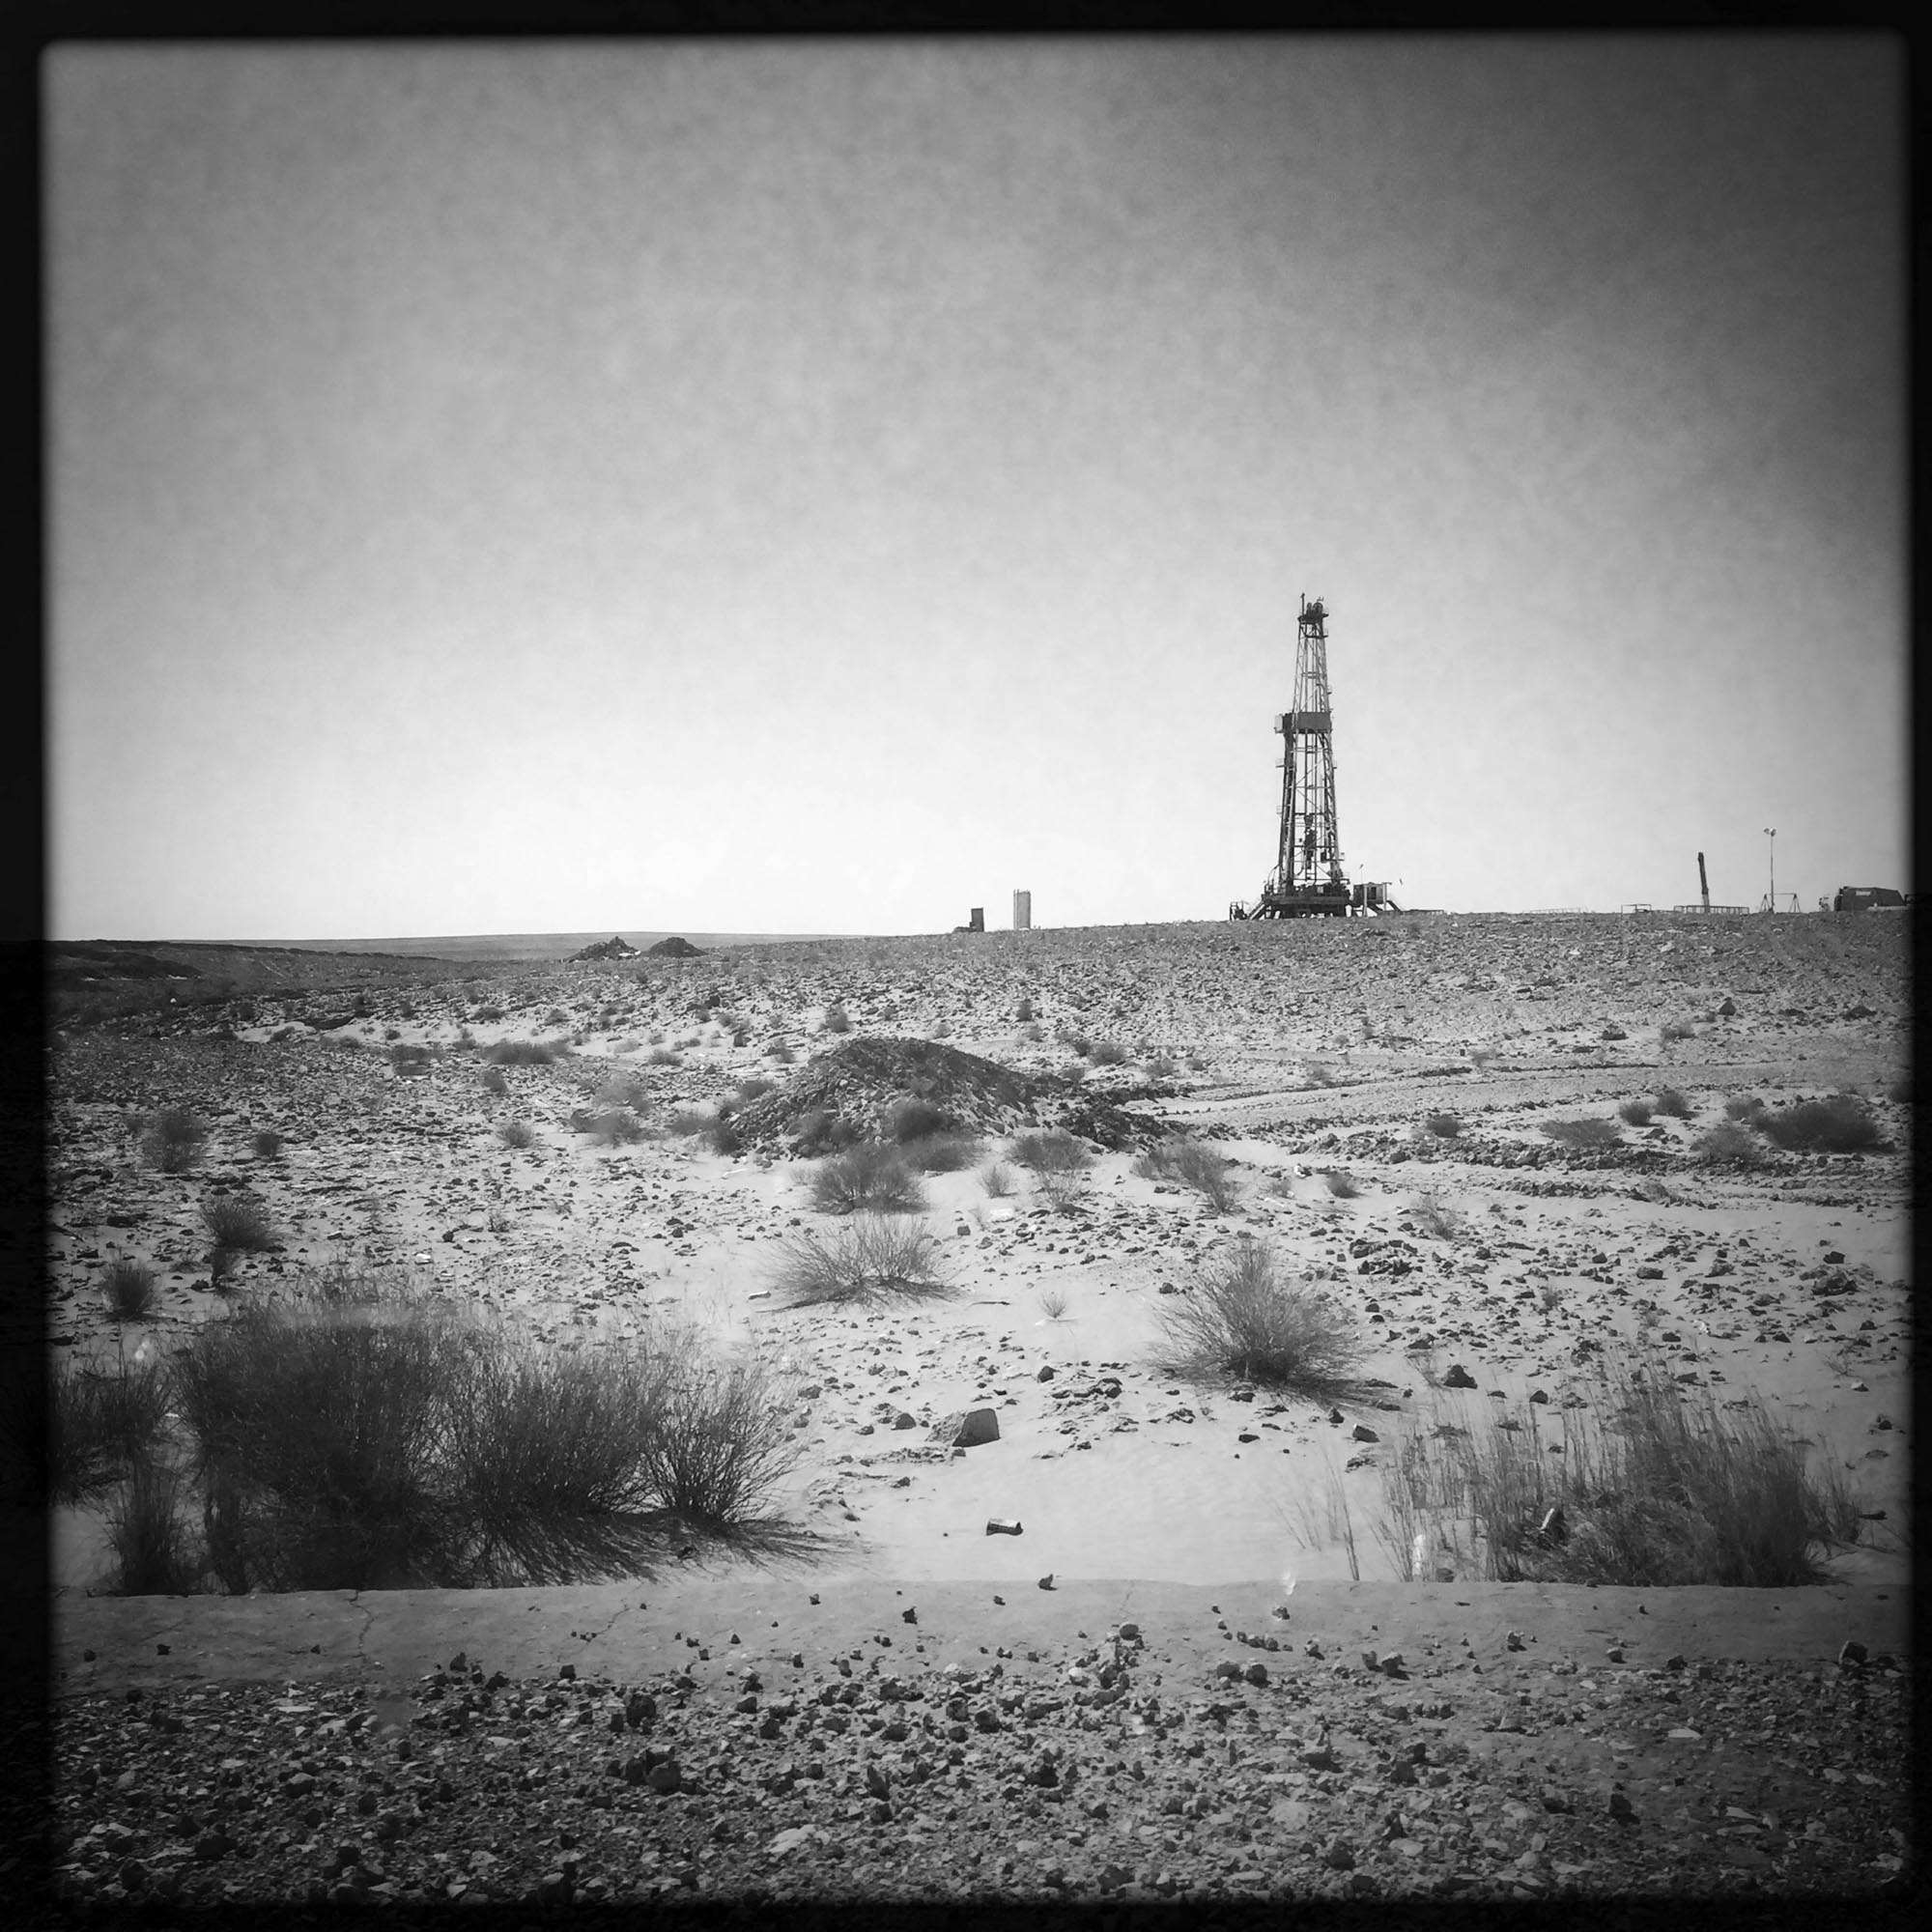 Le long de la route Nationale 49 entre Ghardaïa et Ouargla. 8/02/2016, ALGERIE.